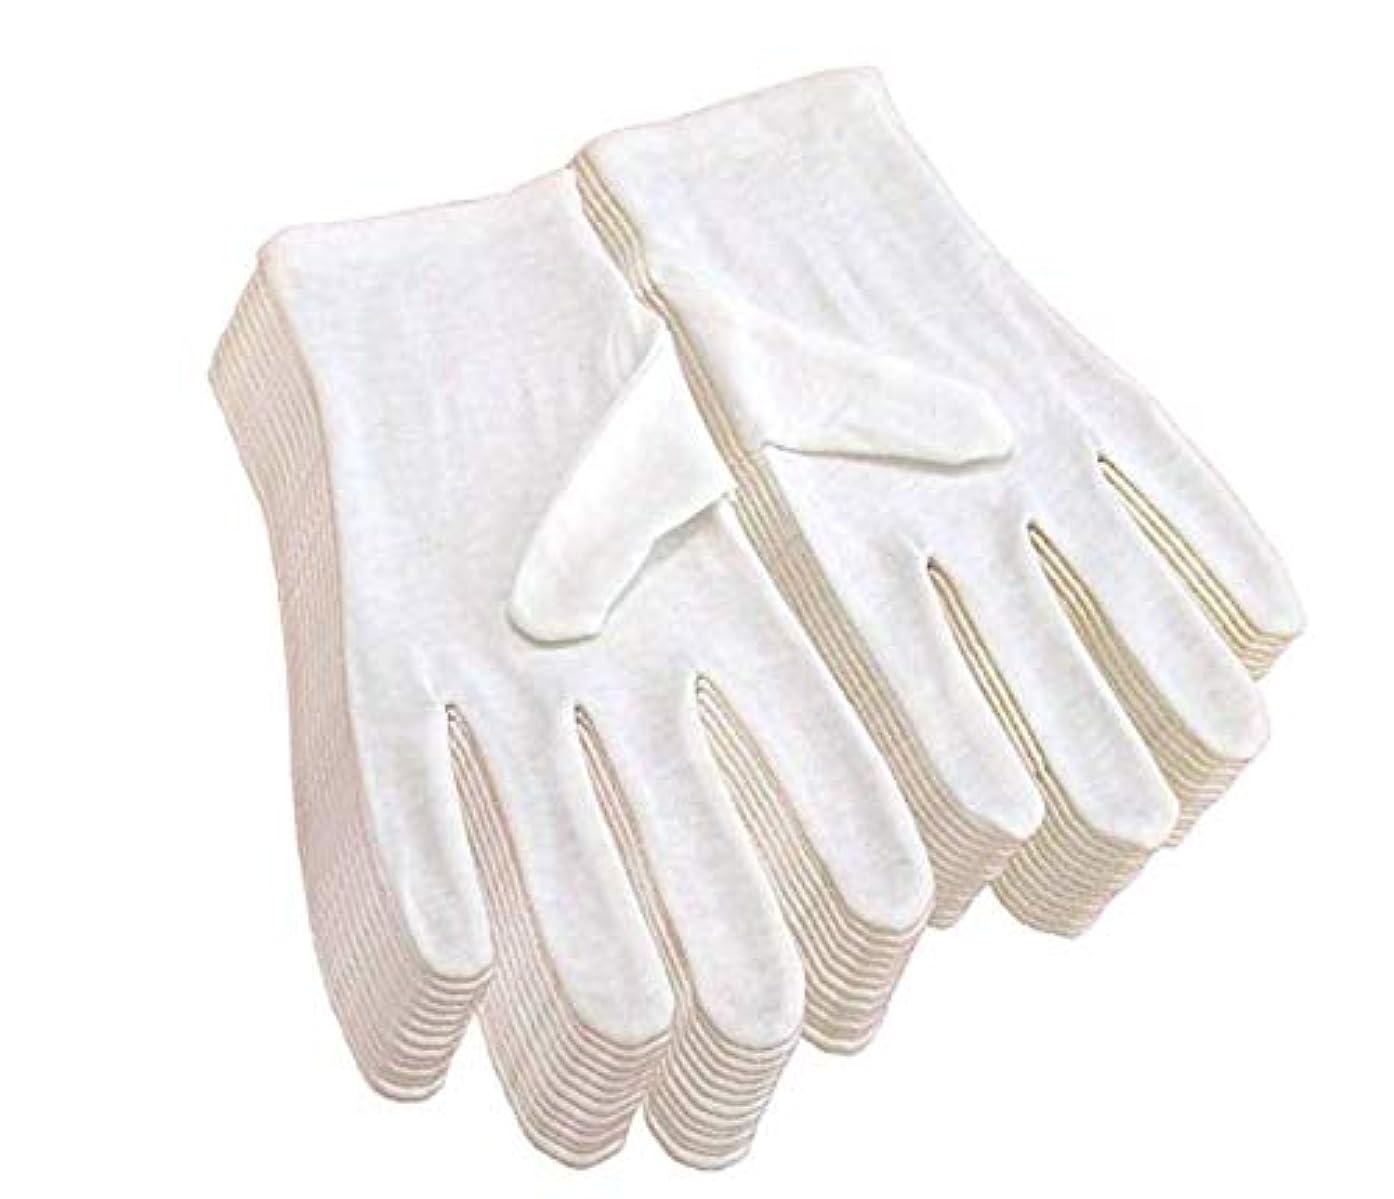 歯痛相対サイズラテンMukexi コットン手袋 綿手袋 手荒れ 純綿100% 使い捨て 白手袋 薄手 お休み 湿疹 乾燥肌 保湿 礼装用 メンズ 手袋 レディース 12双組